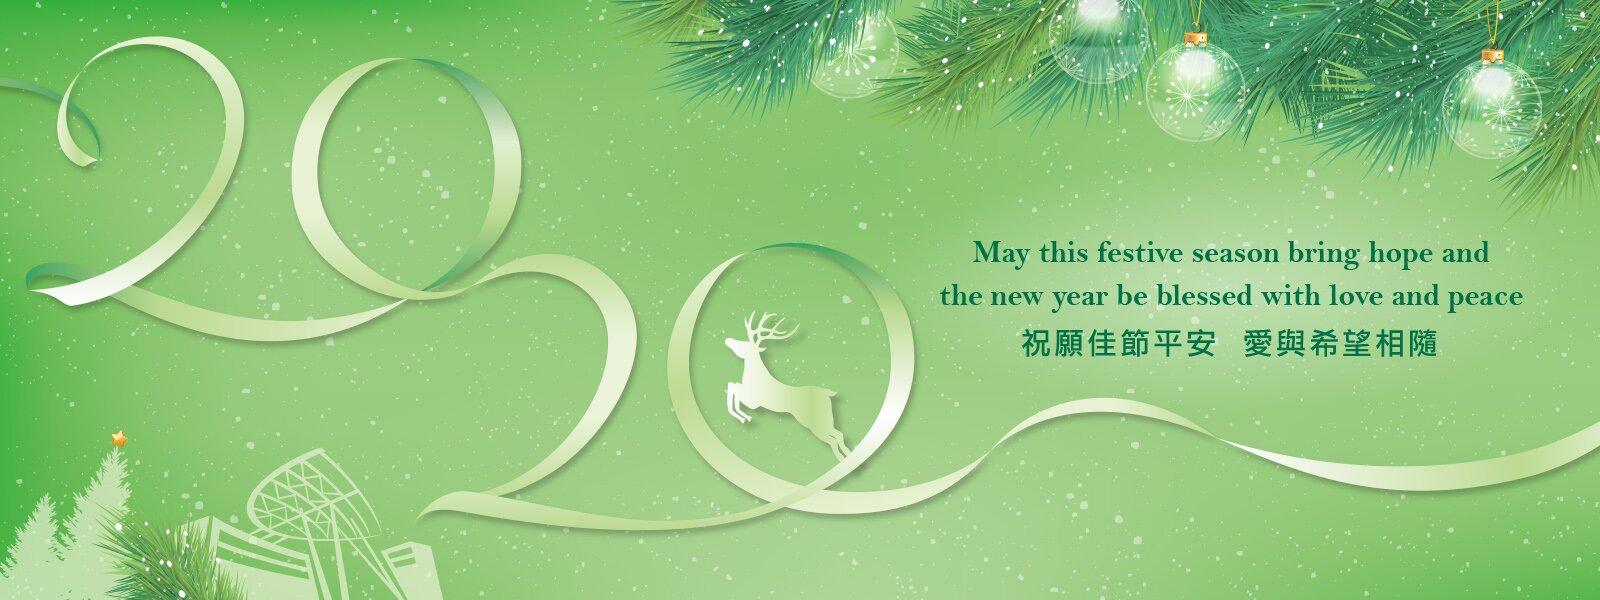 圣诞快乐 新年进步